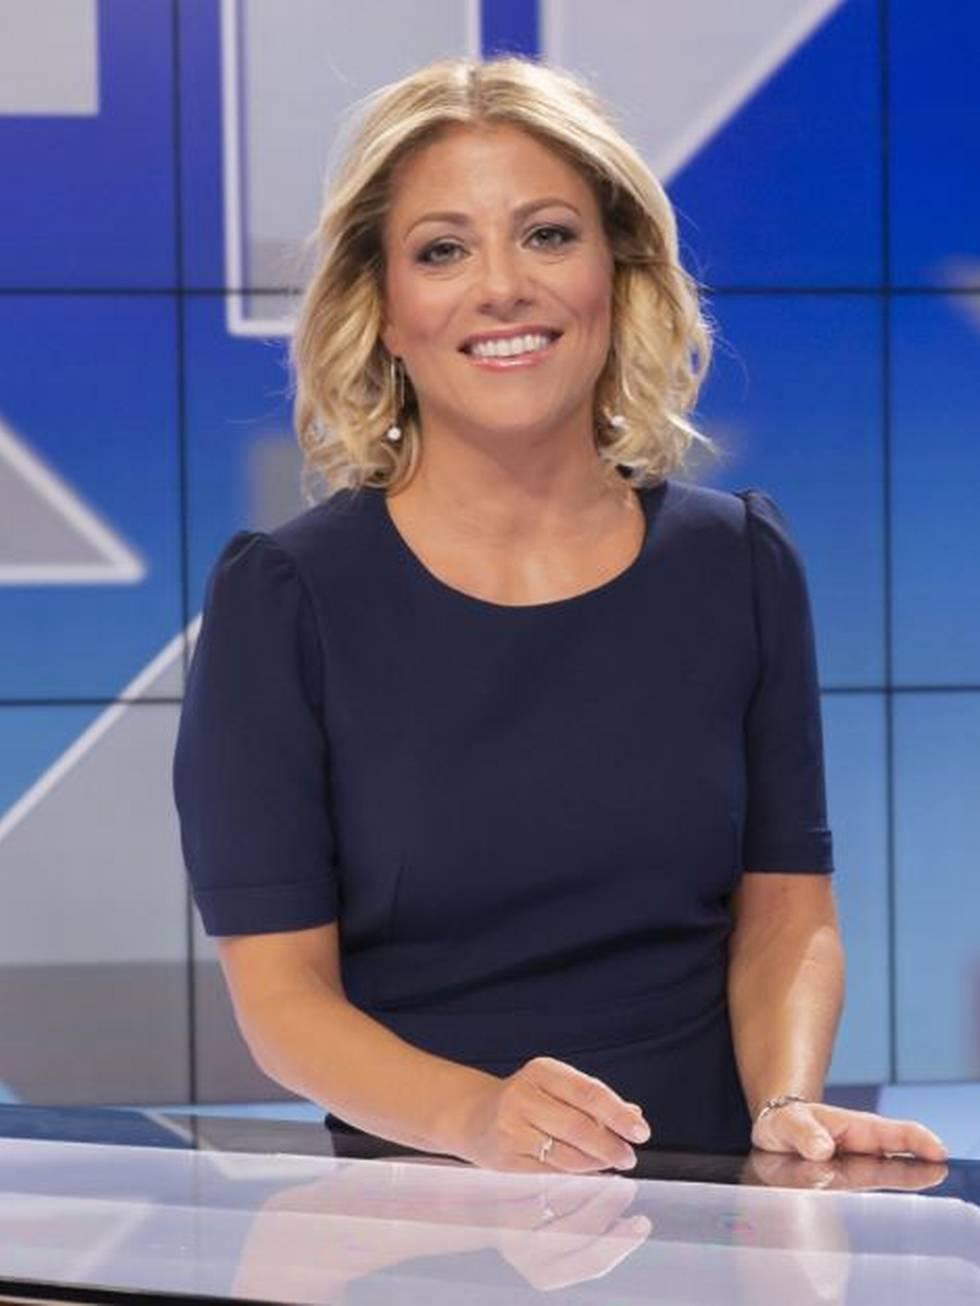 Francesca Campagiorni